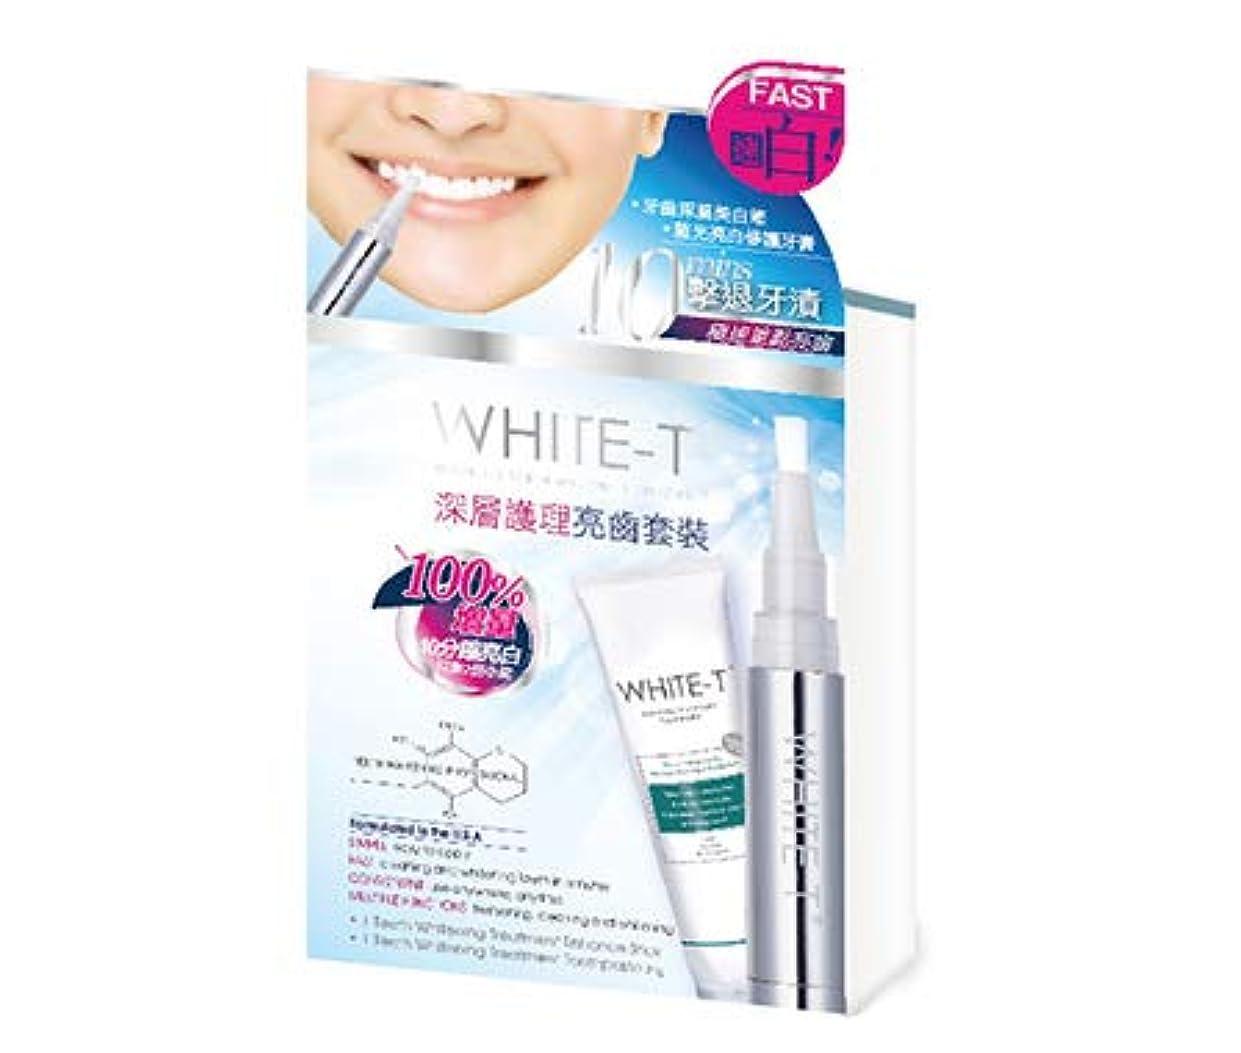 カバレッジシャンパン日WHITE-T ホワイトニング ペンタイプ(4ml) +ホワイトニング歯磨き粉(30g) 並行輸入品